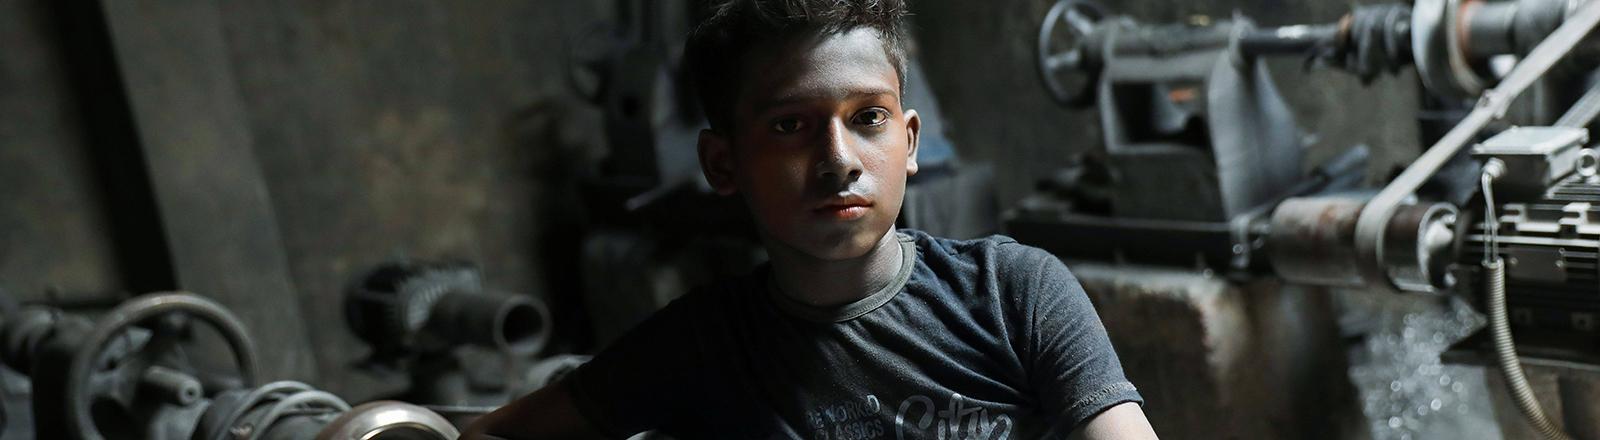 Ein Junge sitzt in einem dunklen Raum mit Werkzeugen und Maschinen; er blickt direkt in die Kamera; der 12-Jährige Hasibur Rahman lebt in Bangladesch und muss arbeiten (30.05.2020)